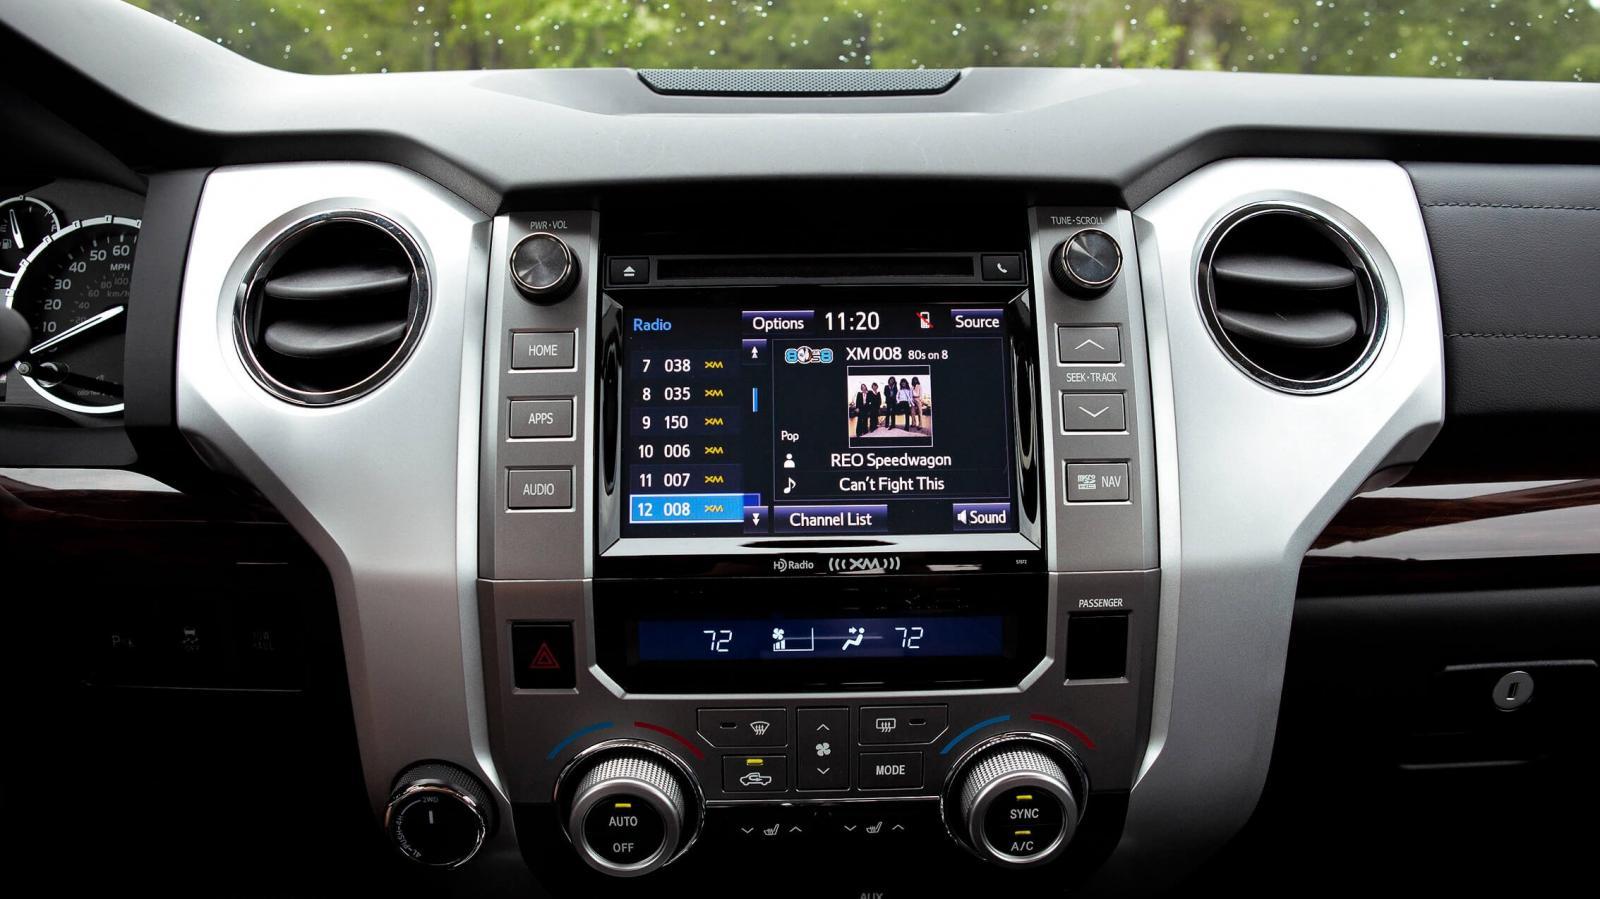 La Toyota Tundra 1794 2020 tiene una cabina donde todavía encontramos plásticos duros que no generan las mejores sensaciones